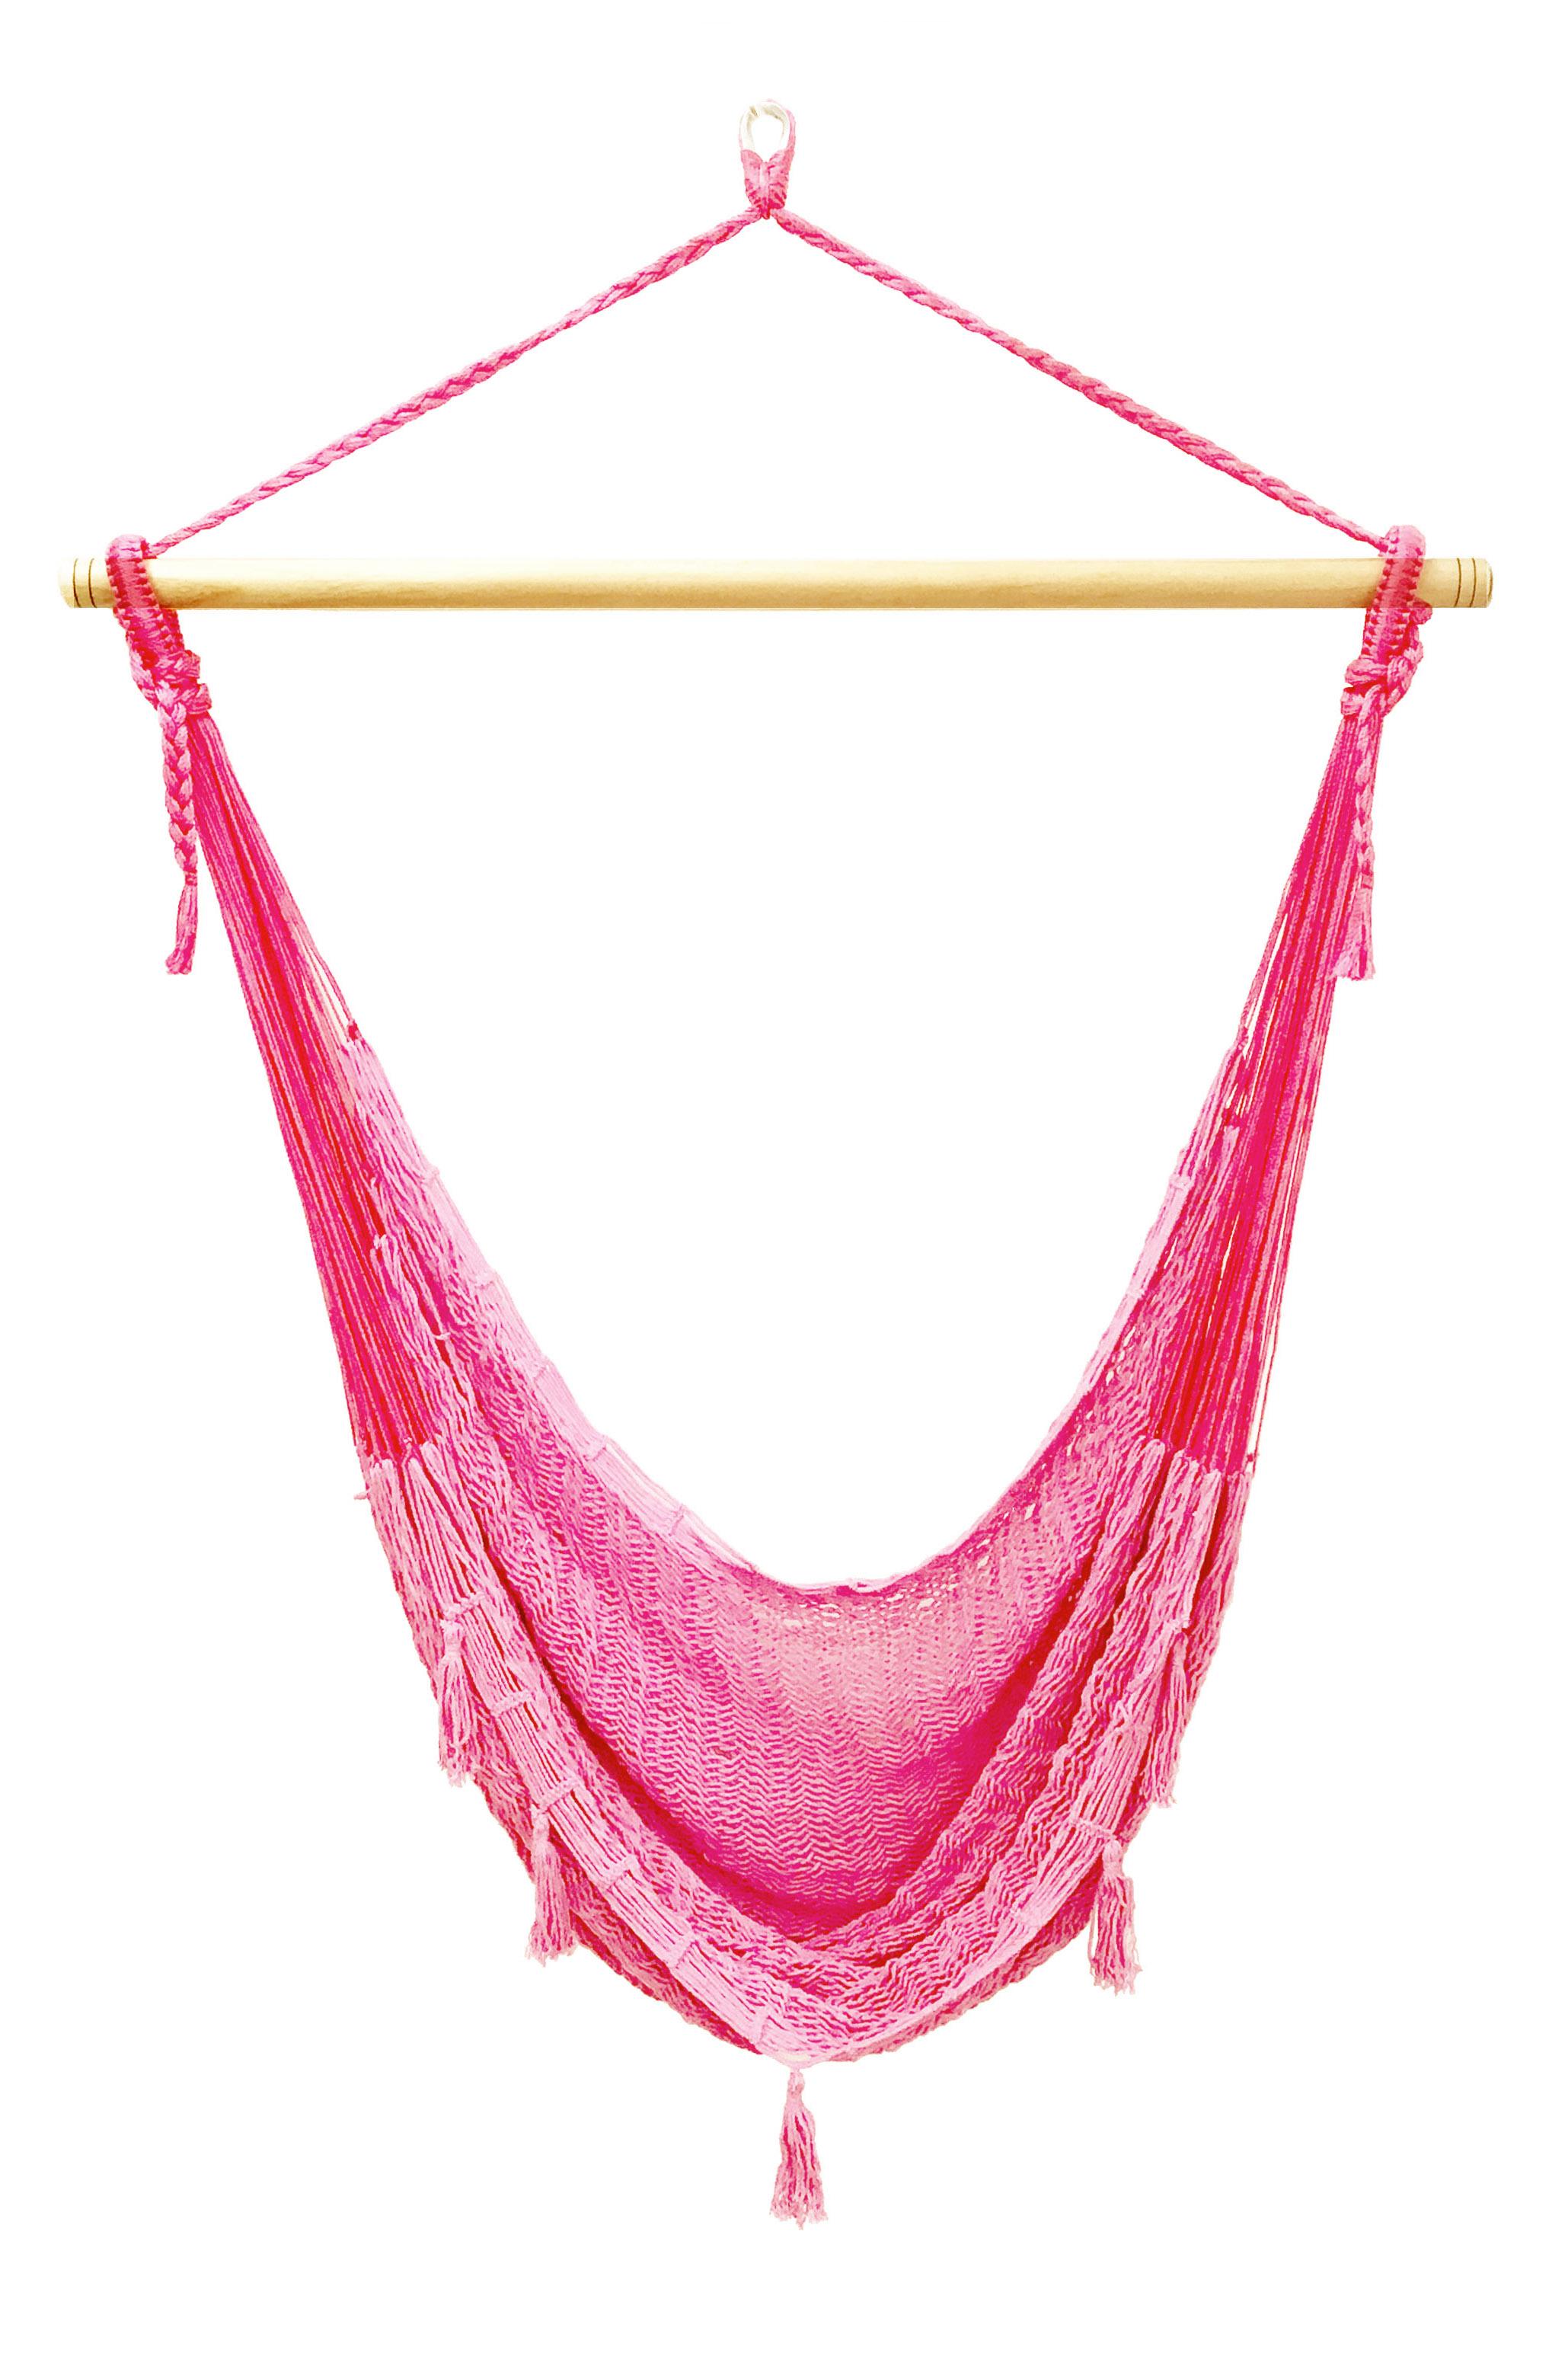 メキシカンチェアハンモック(ネット)ラージ 「ピンク」(縁飾り付)